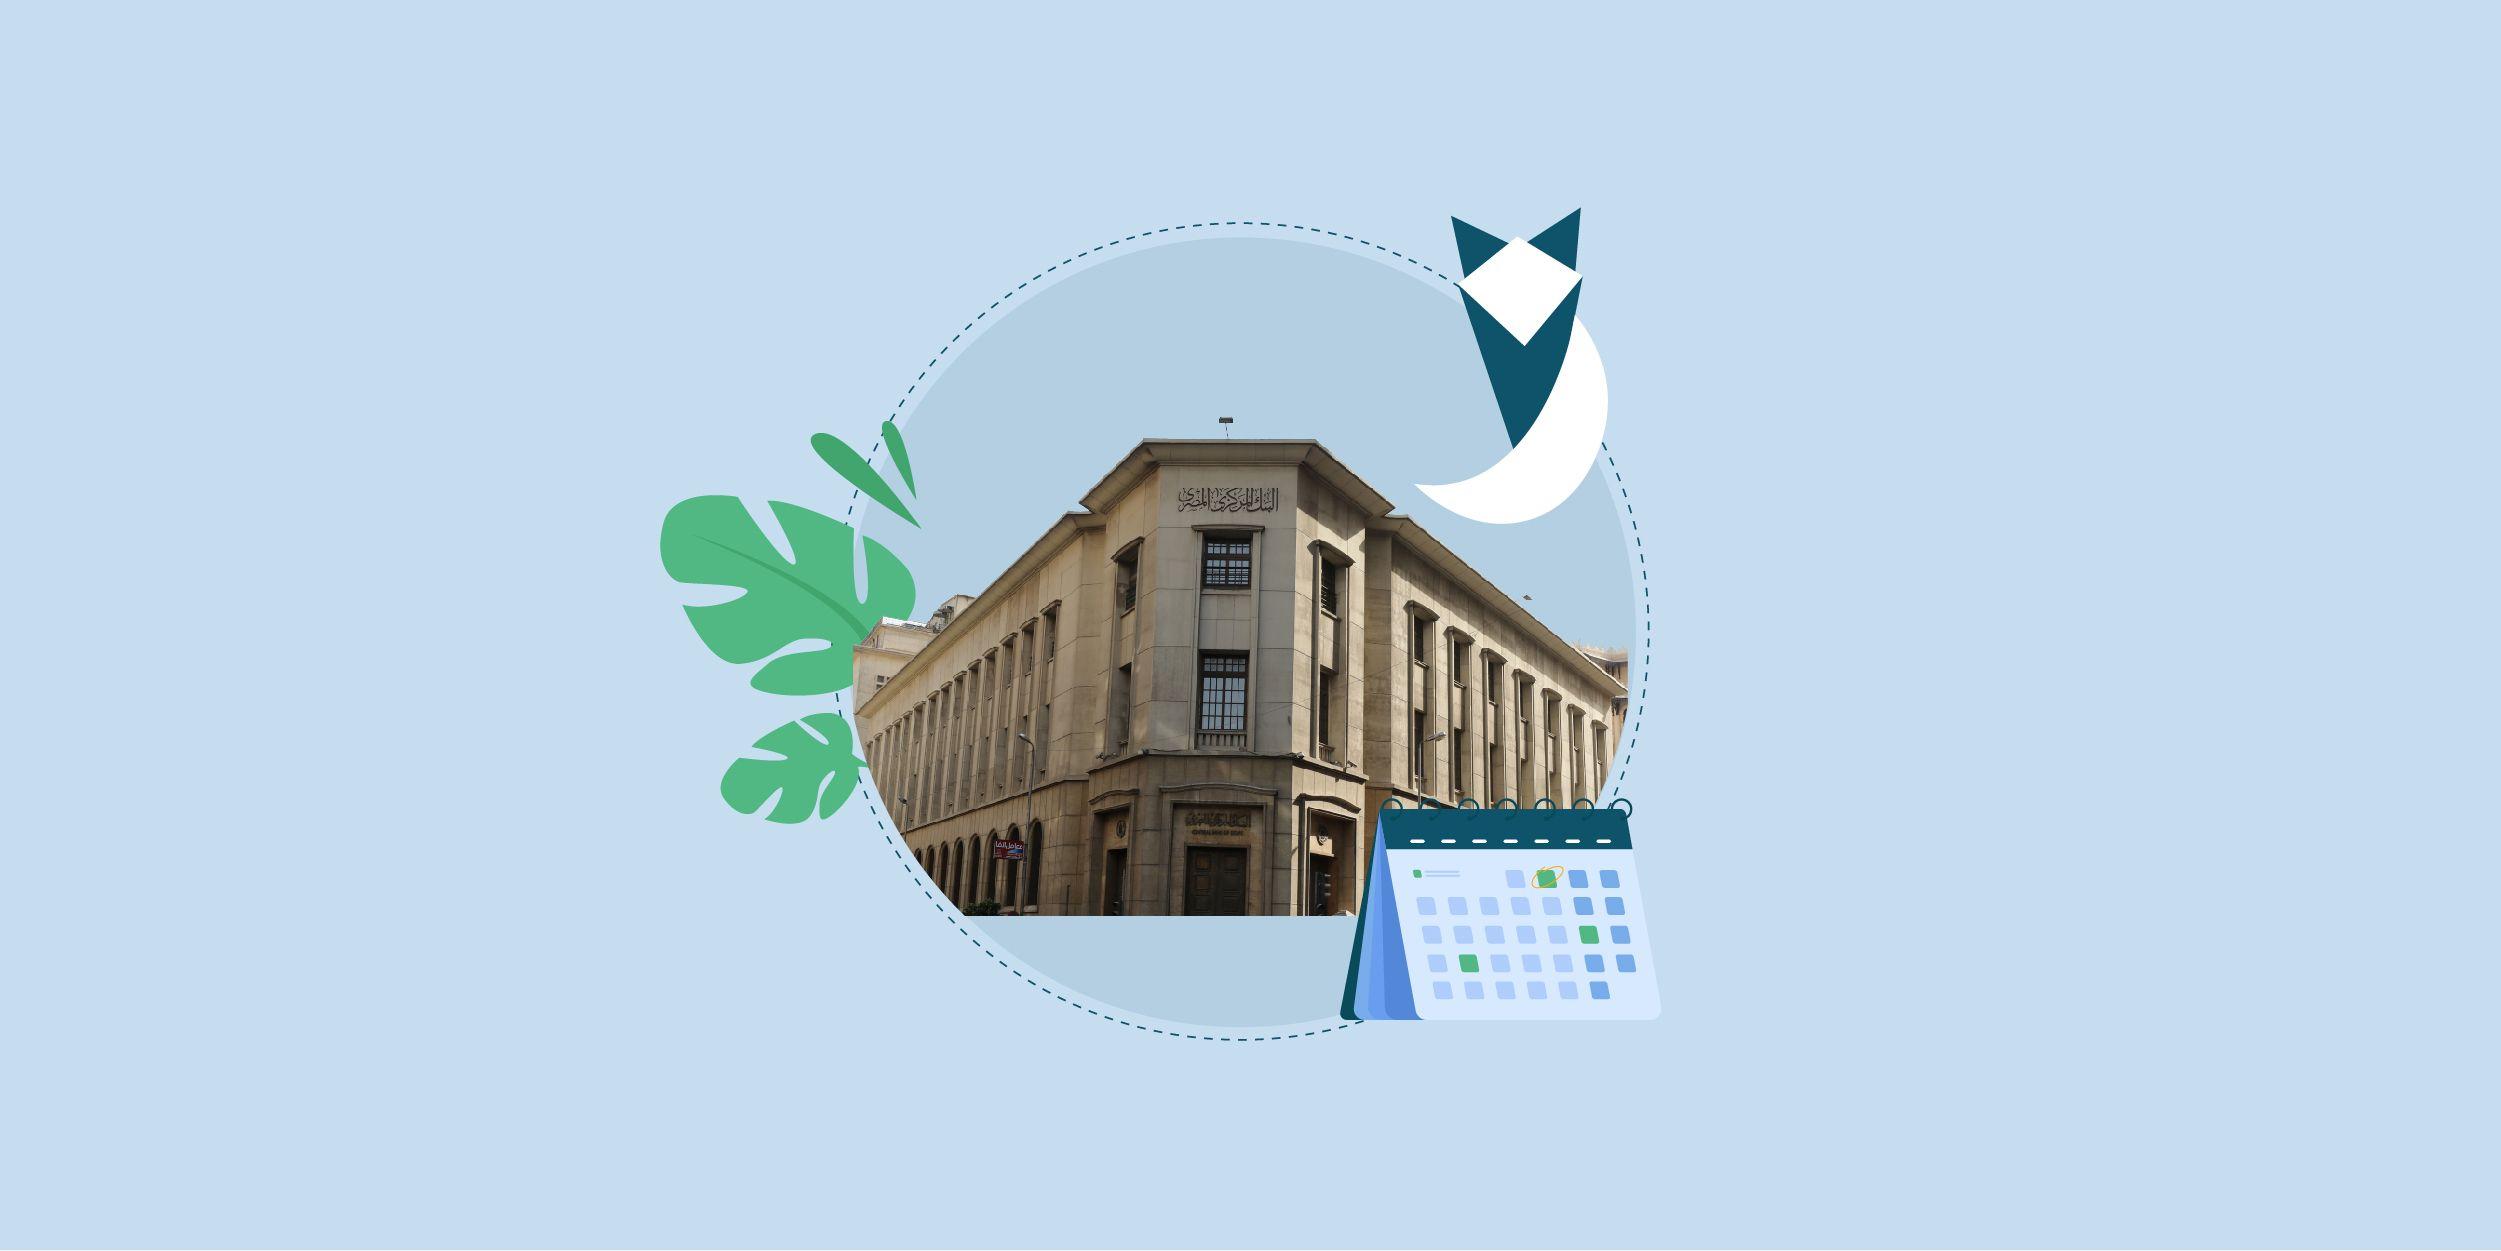 مواعيد اجتماعات وقرارات البنك المركزي المصري في 2021